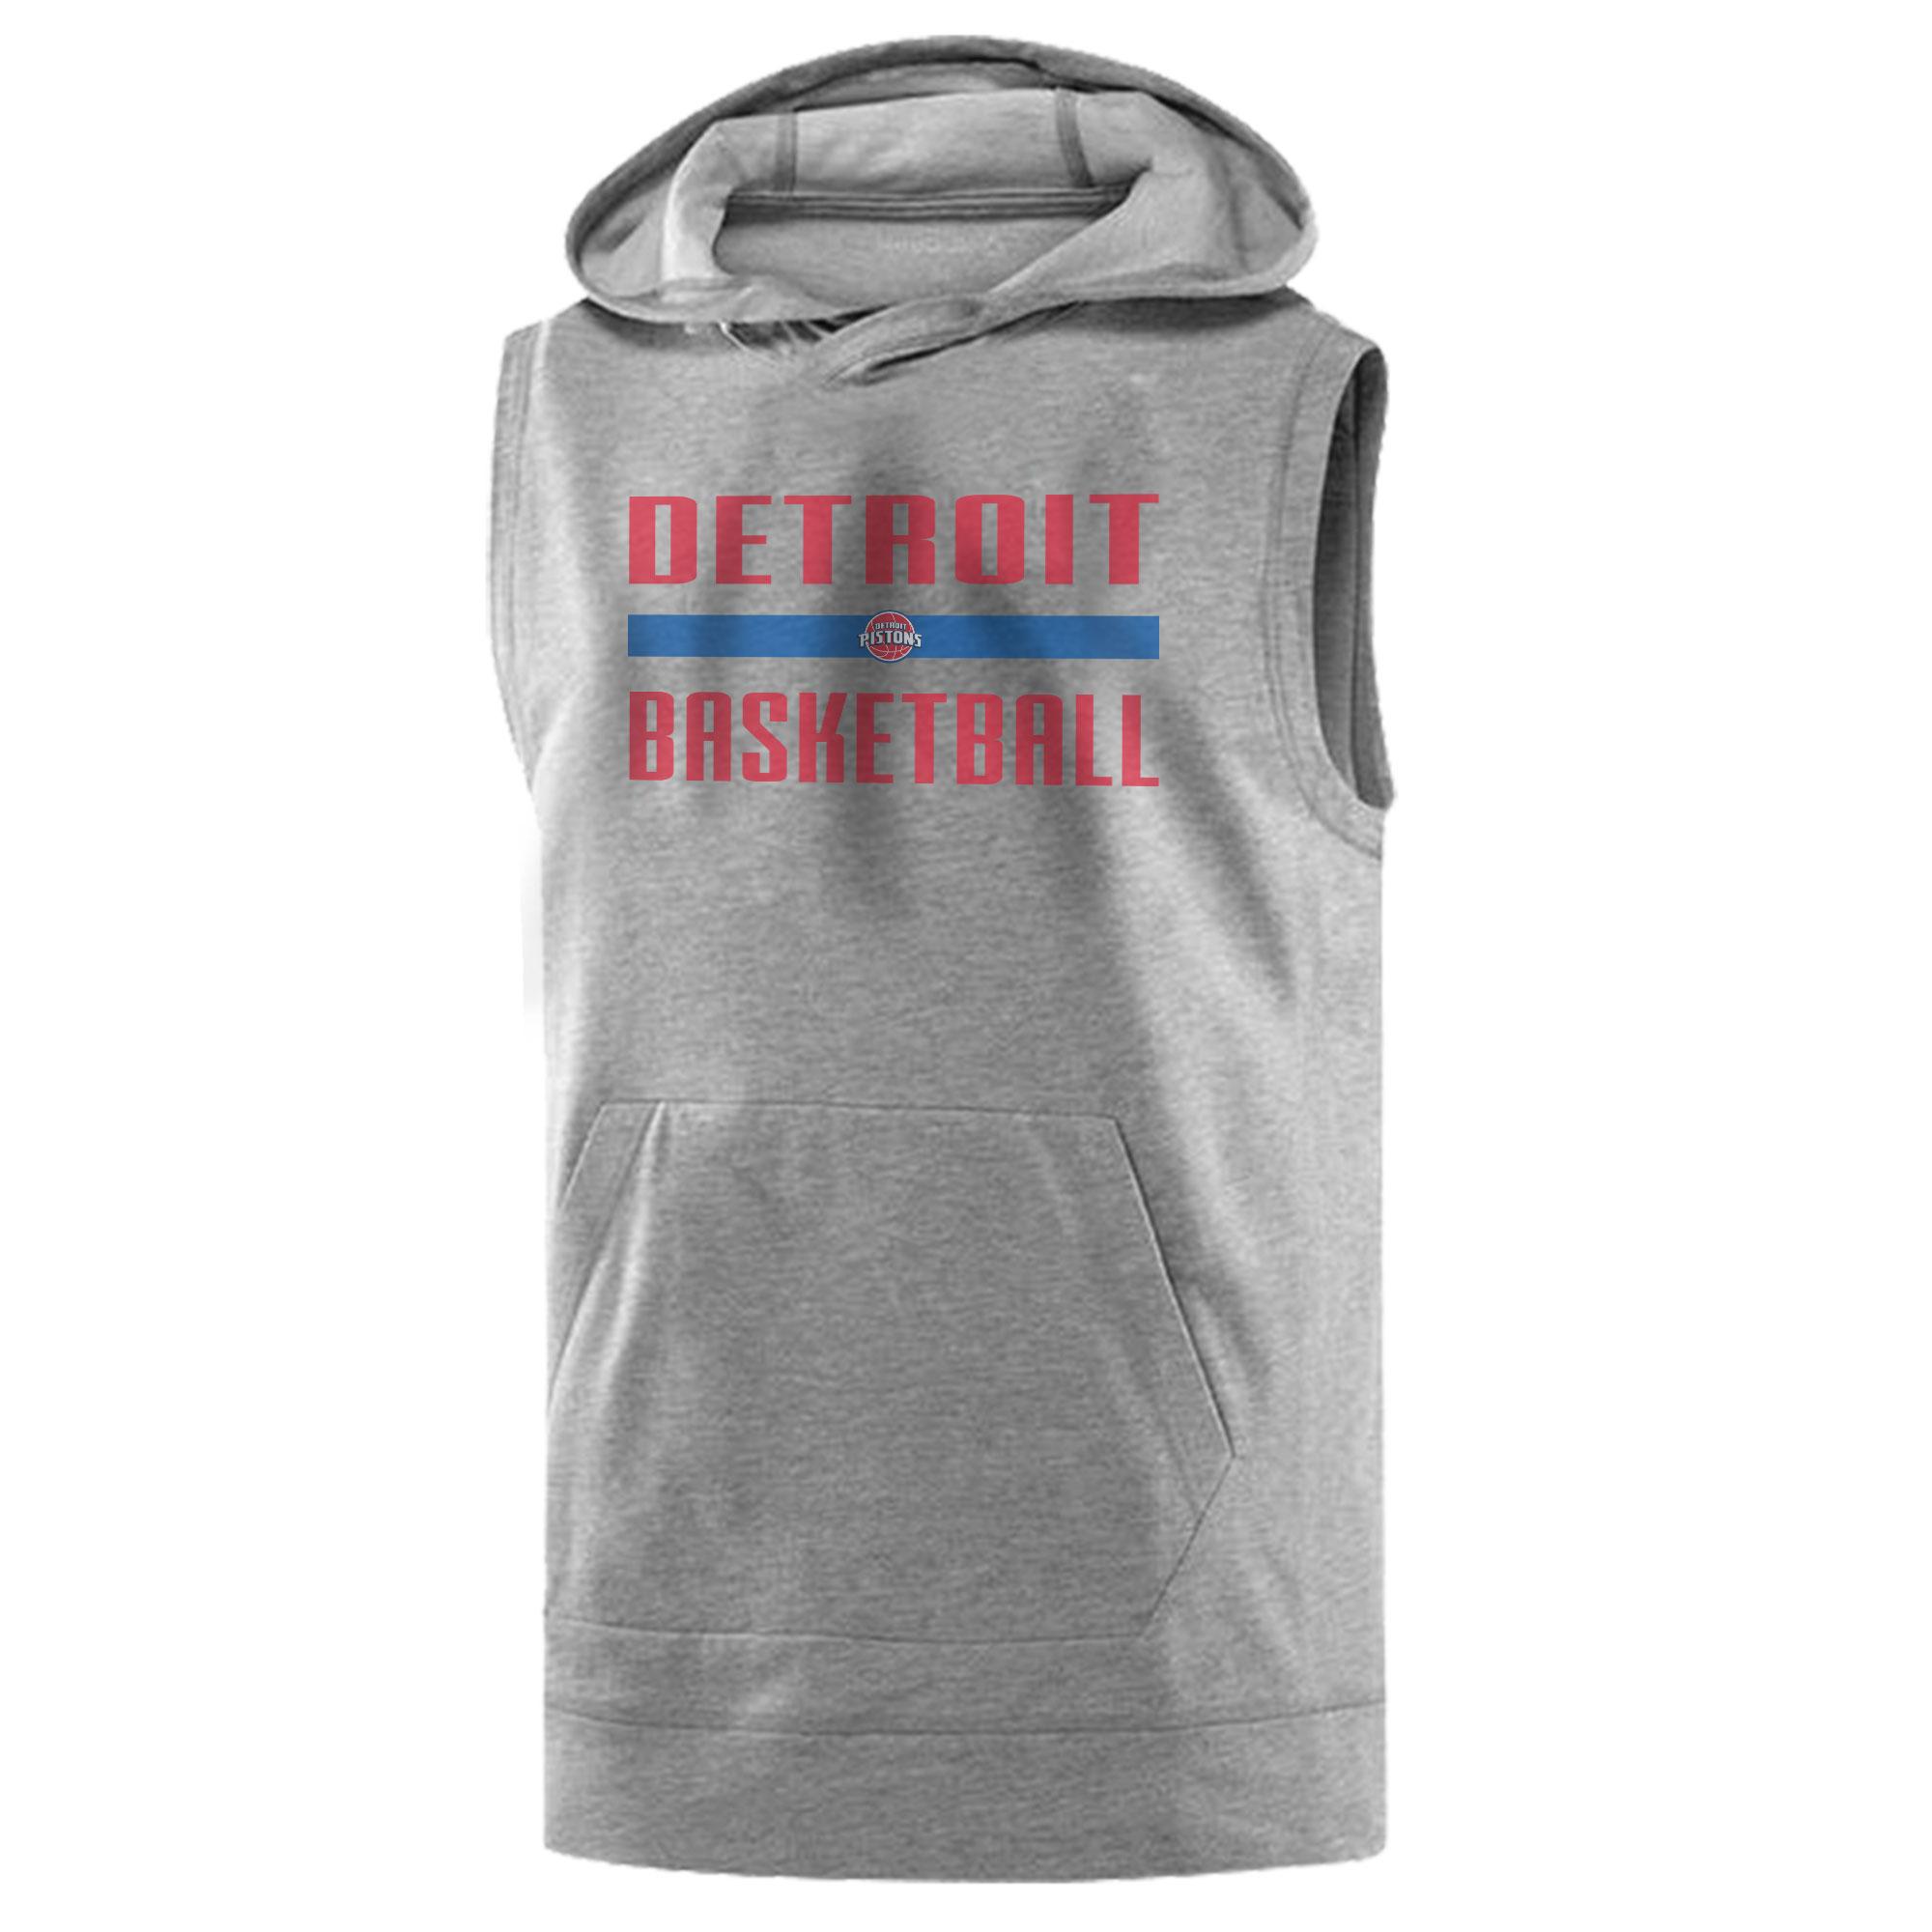 Detroit Basketball Sleeveless (KLS-GRY-NP-detroit-bsktbll-510)